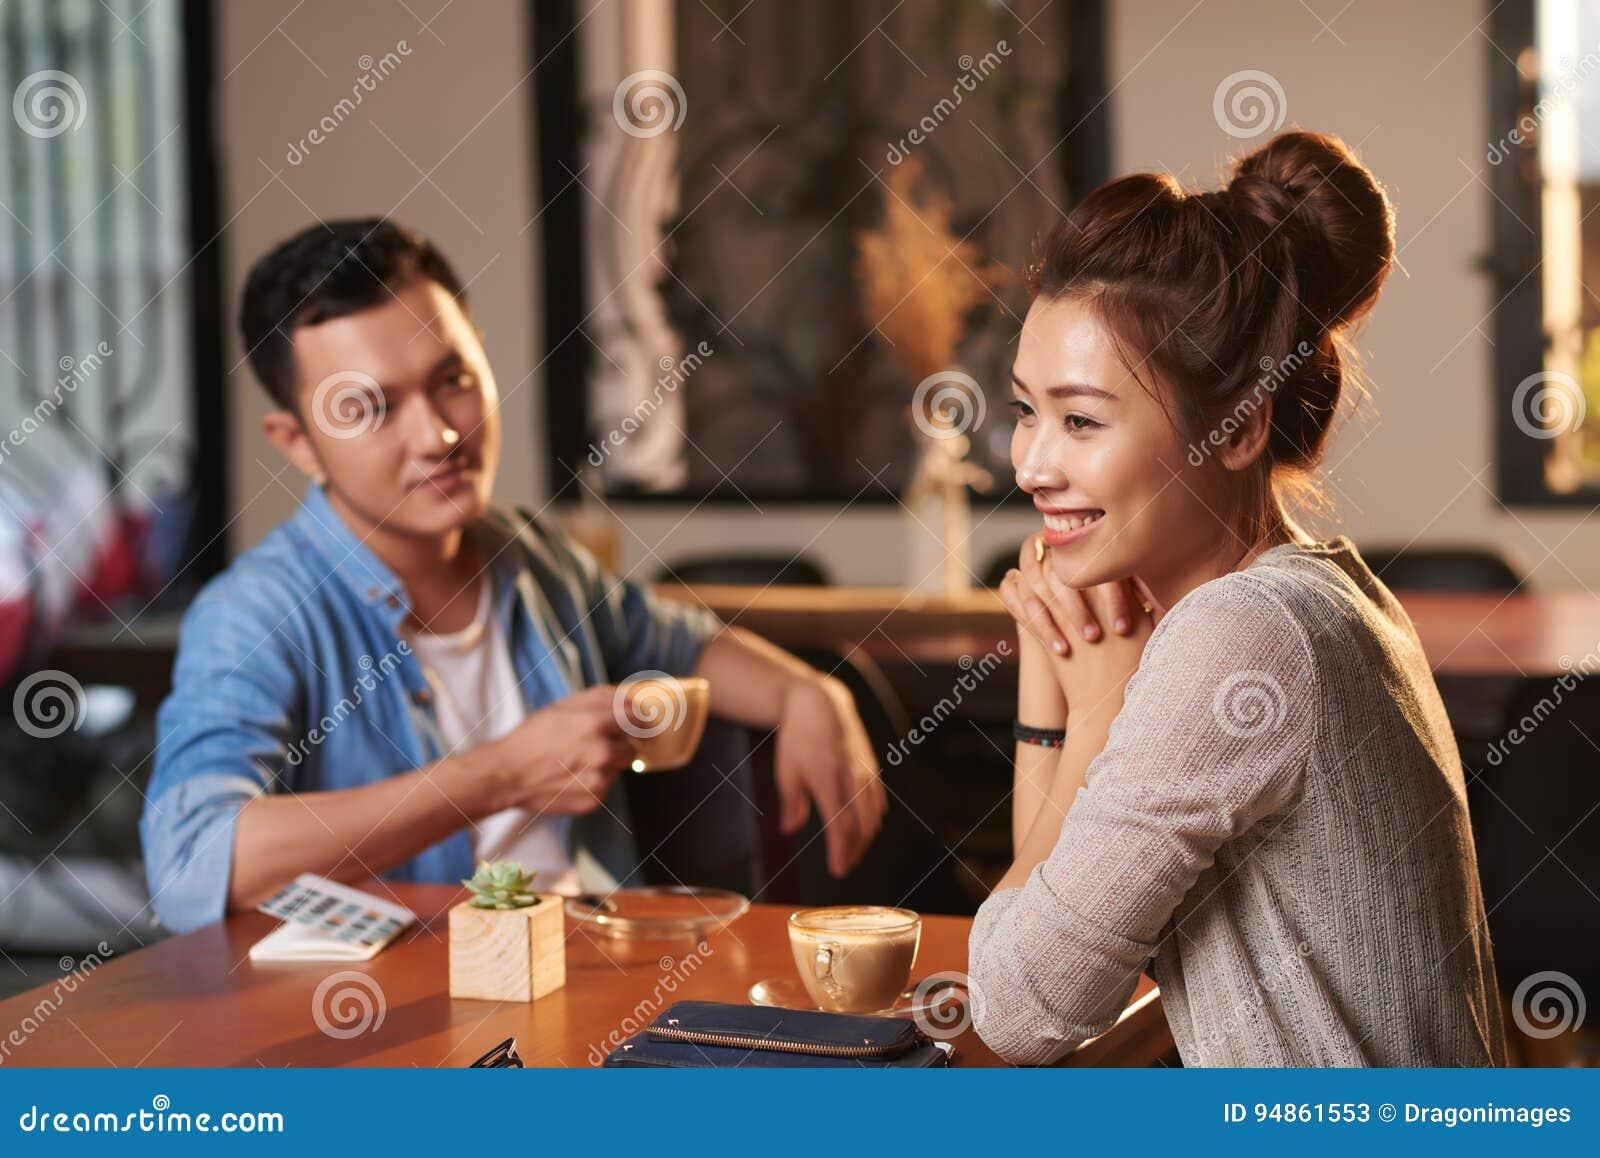 Piękna Azjatycka dama w kawiarni